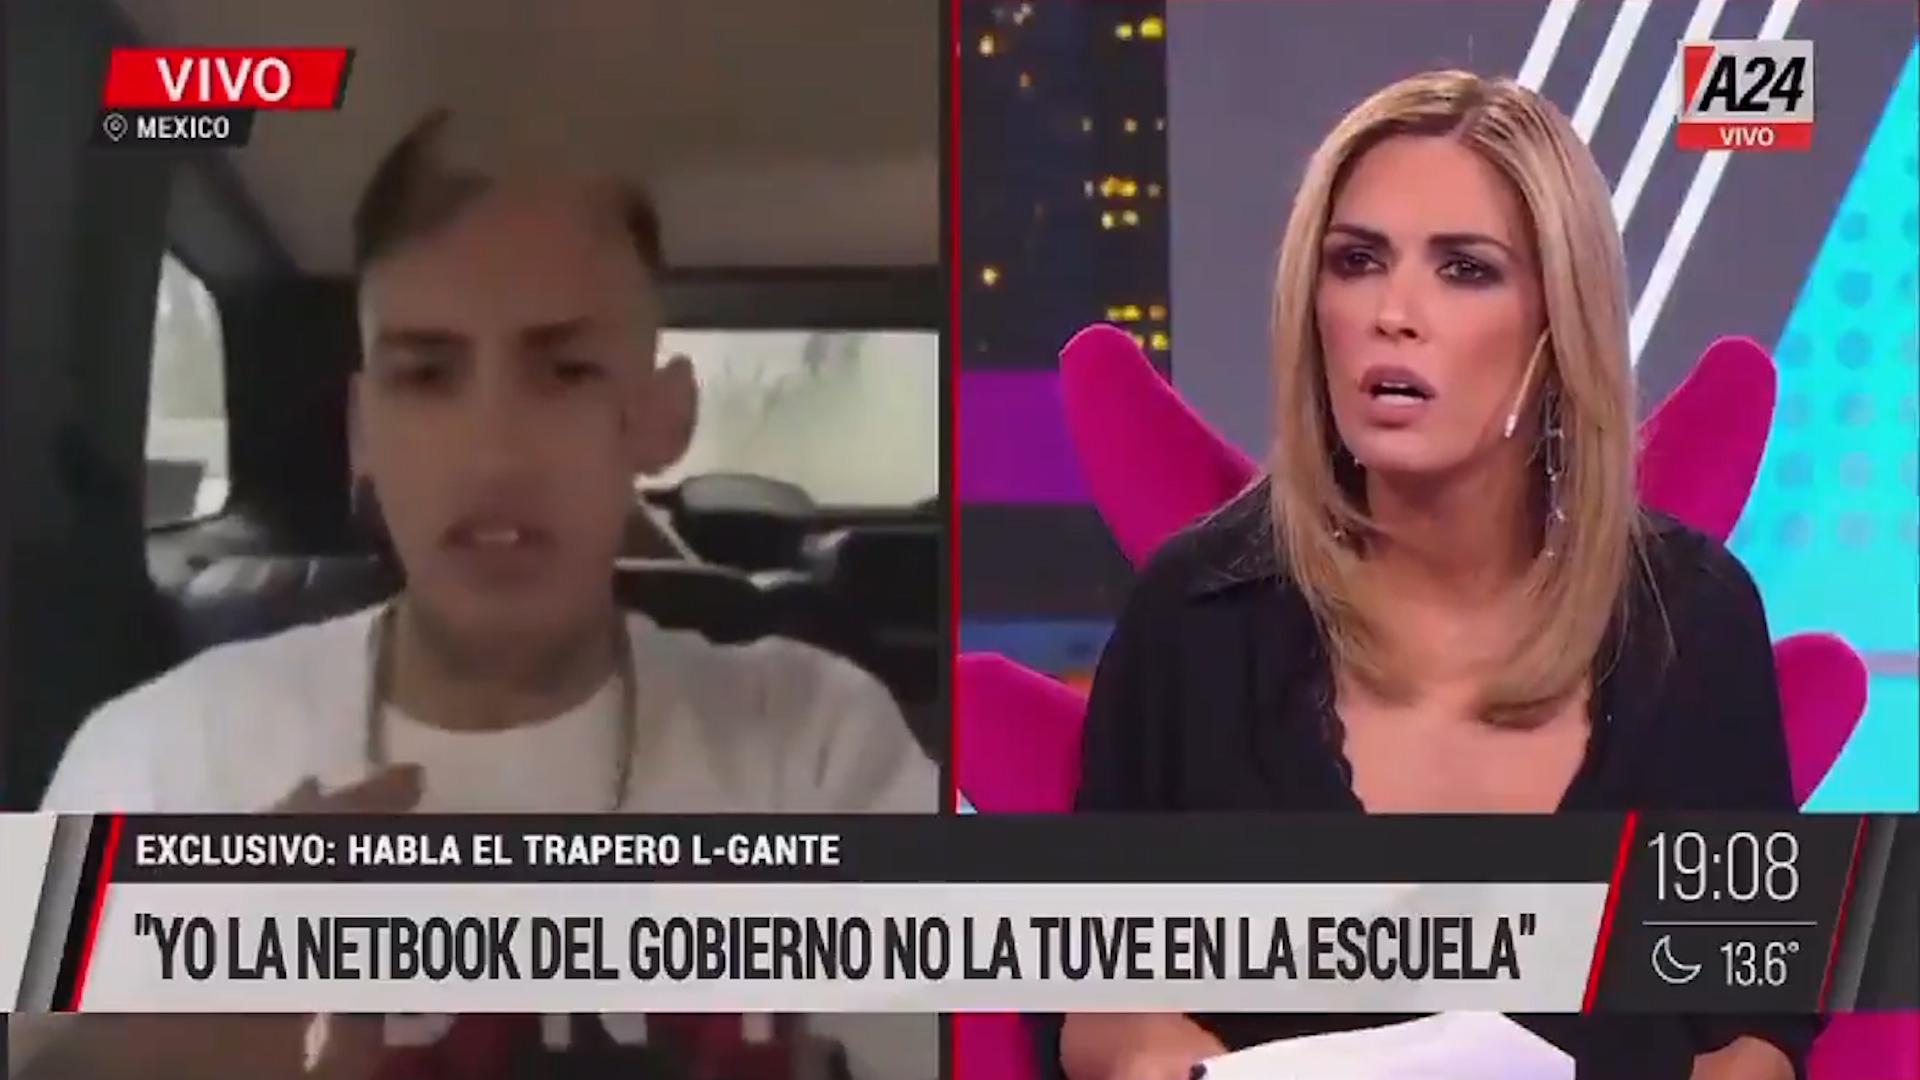 """L-Gante dio otra versión diferente a la de Cristina Kirchner sobre la computadora: """"La compré, no me la dieron en la escuela"""""""